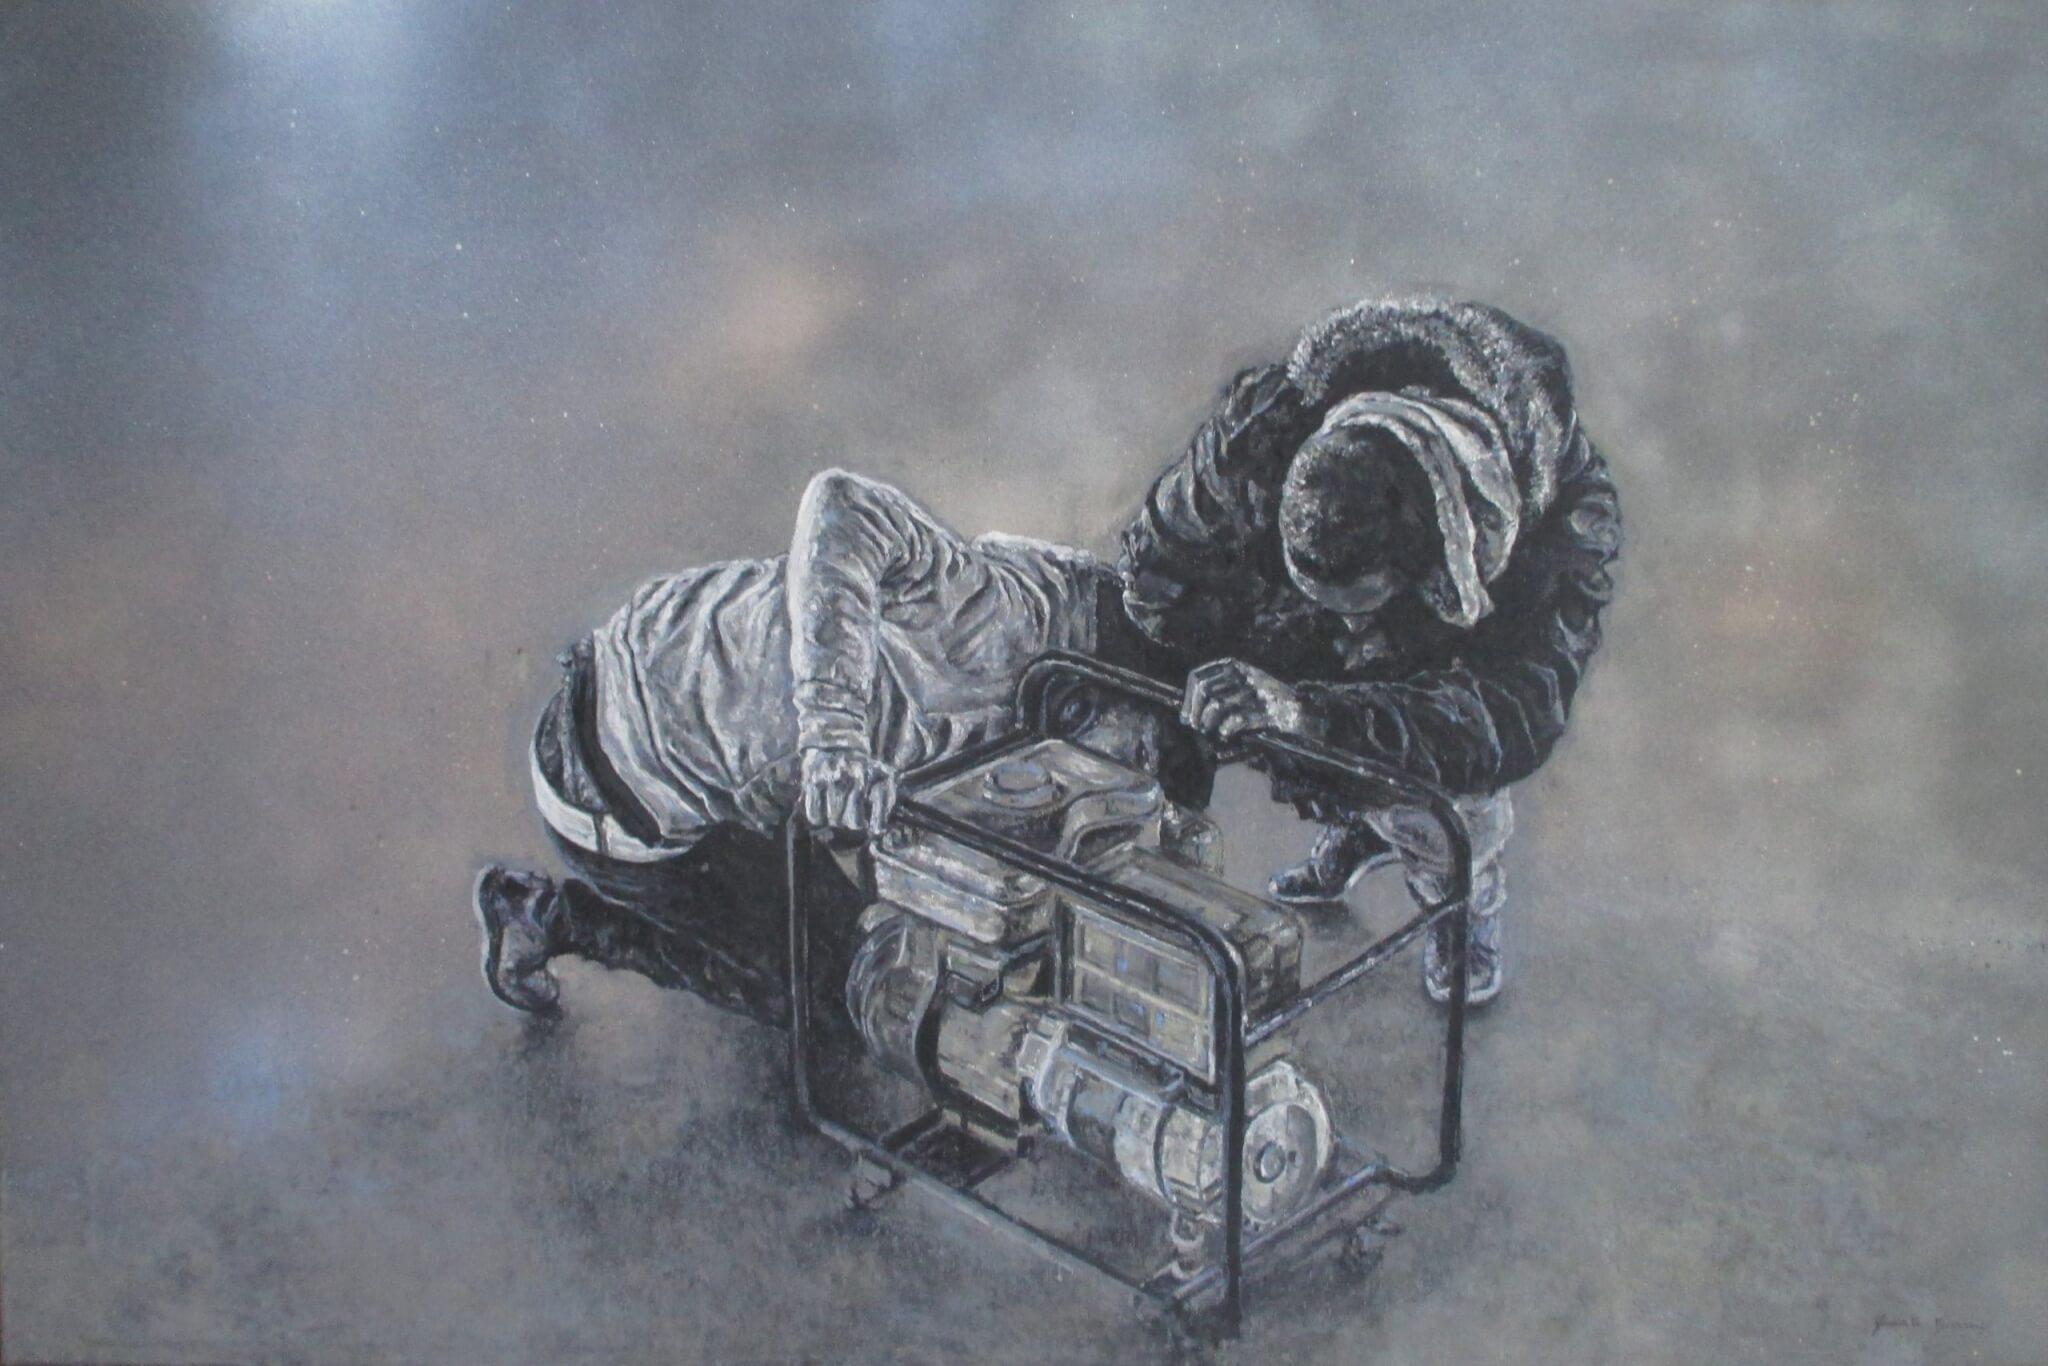 Obra de Duarte Burnay um jovem artista